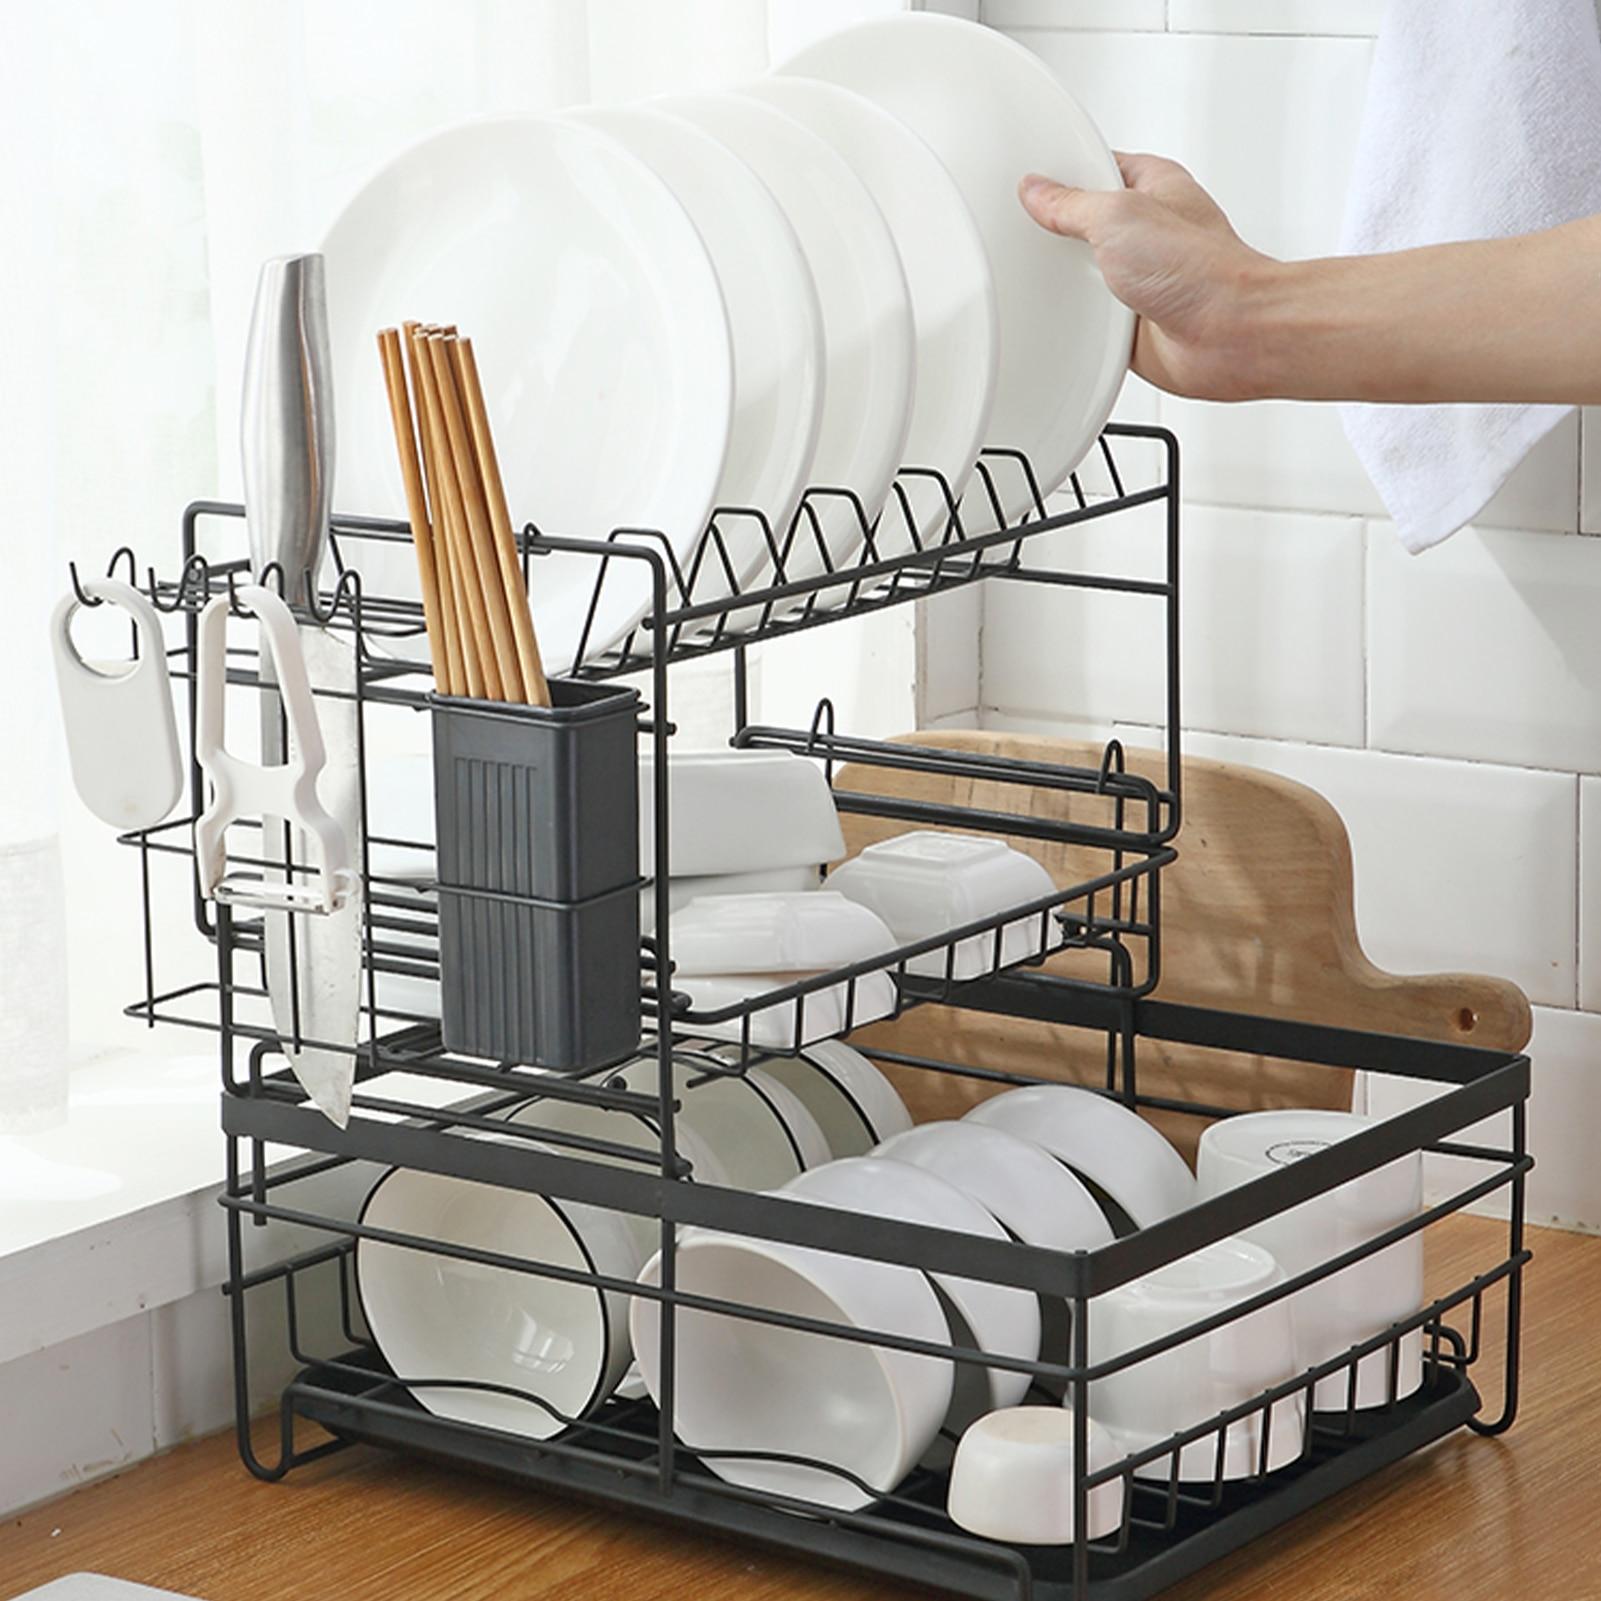 رف لتجفيف الأطباق الكربون الصلب المطبخ تخزين الرف مع لوحة تصفية للإزالة طبق تجفيف حامل أواني مصنوع من خشب الخيزران كونترتوب المنظم